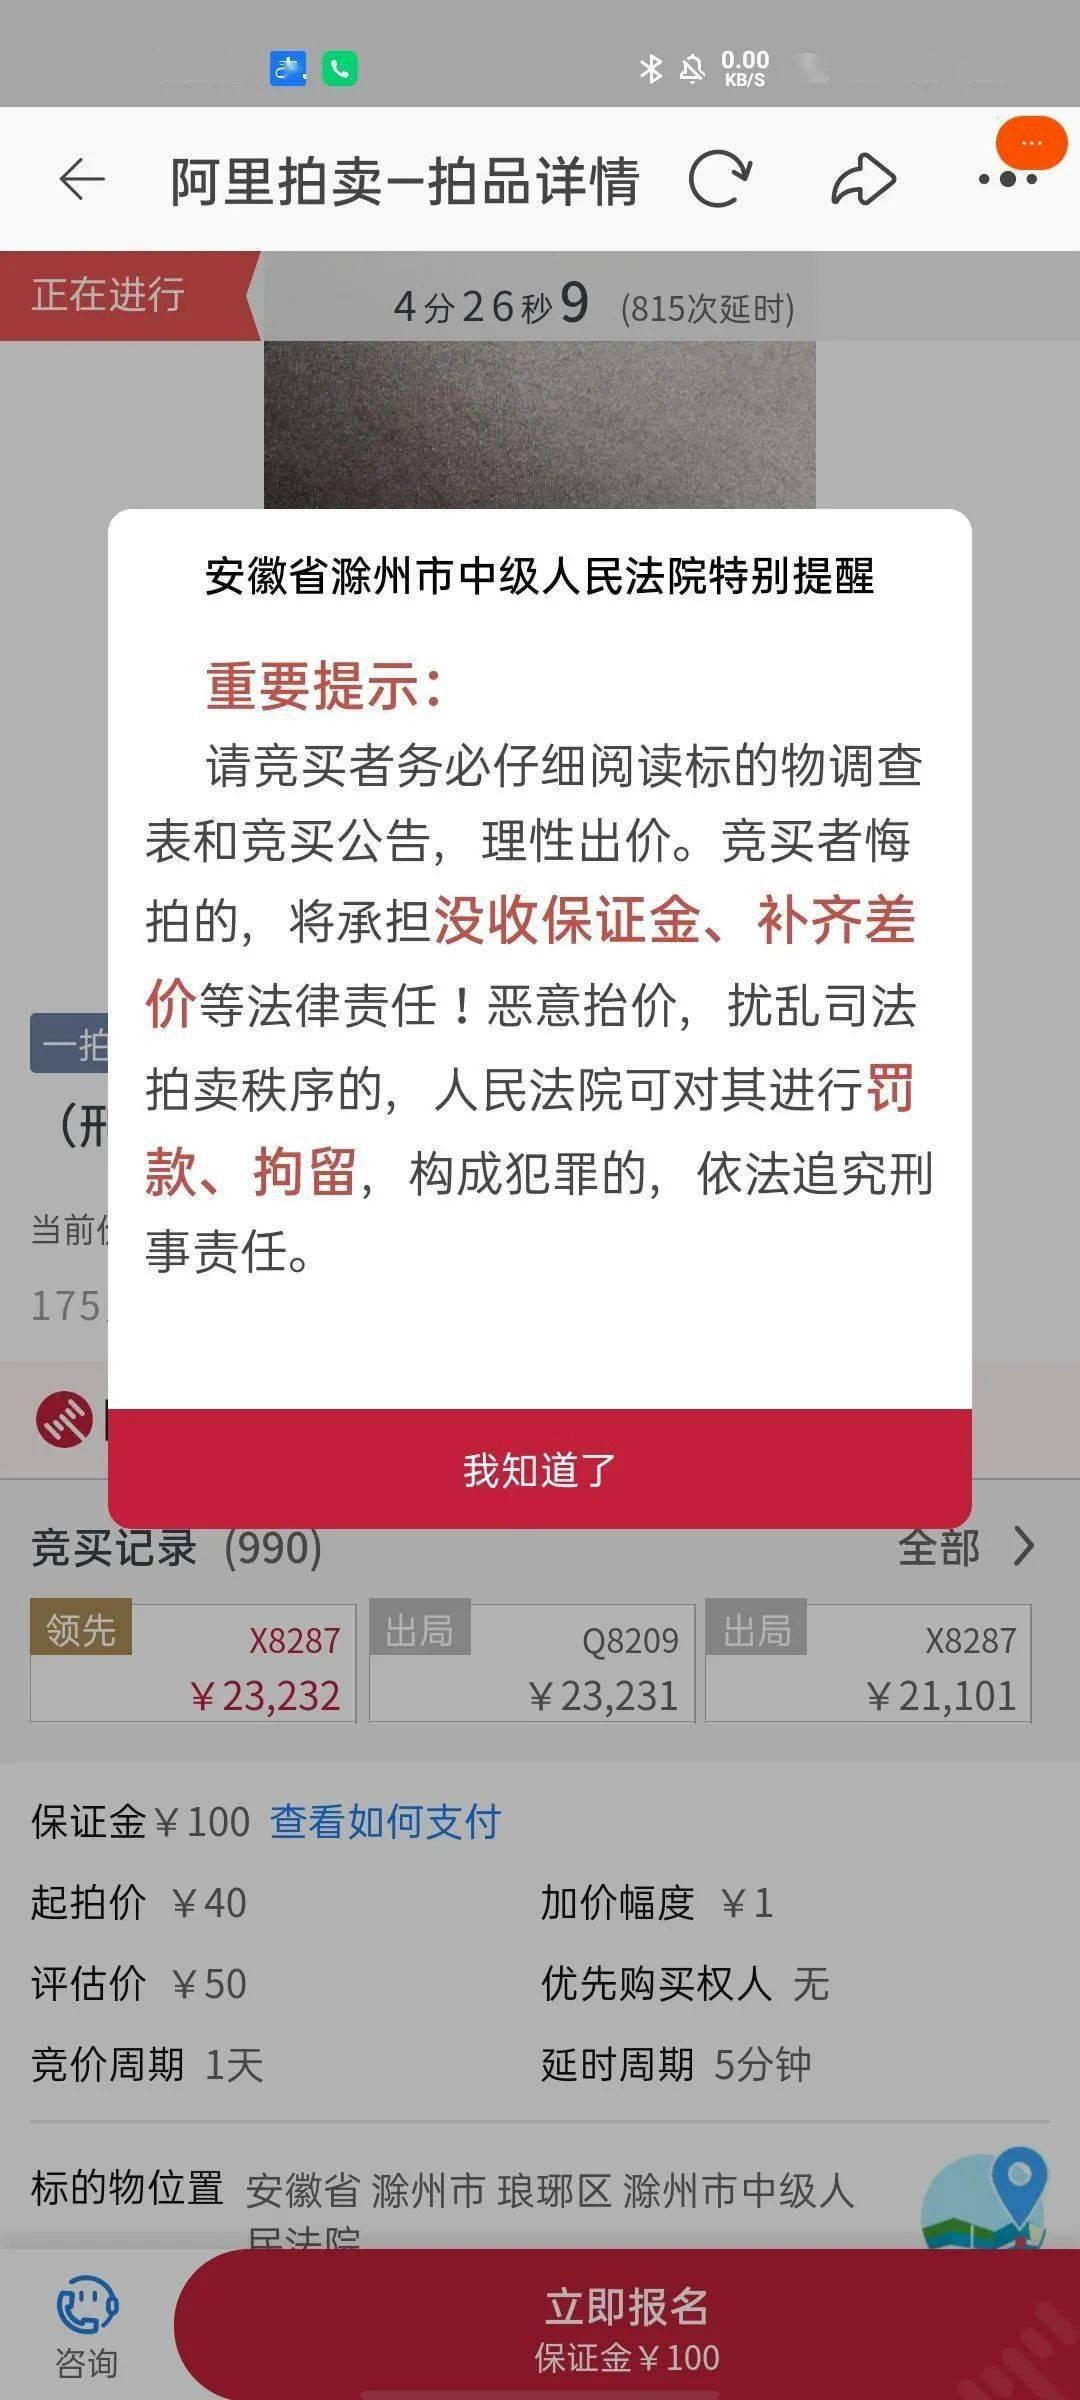 人口拍卖_广东中人拍卖有限公司拍卖公告